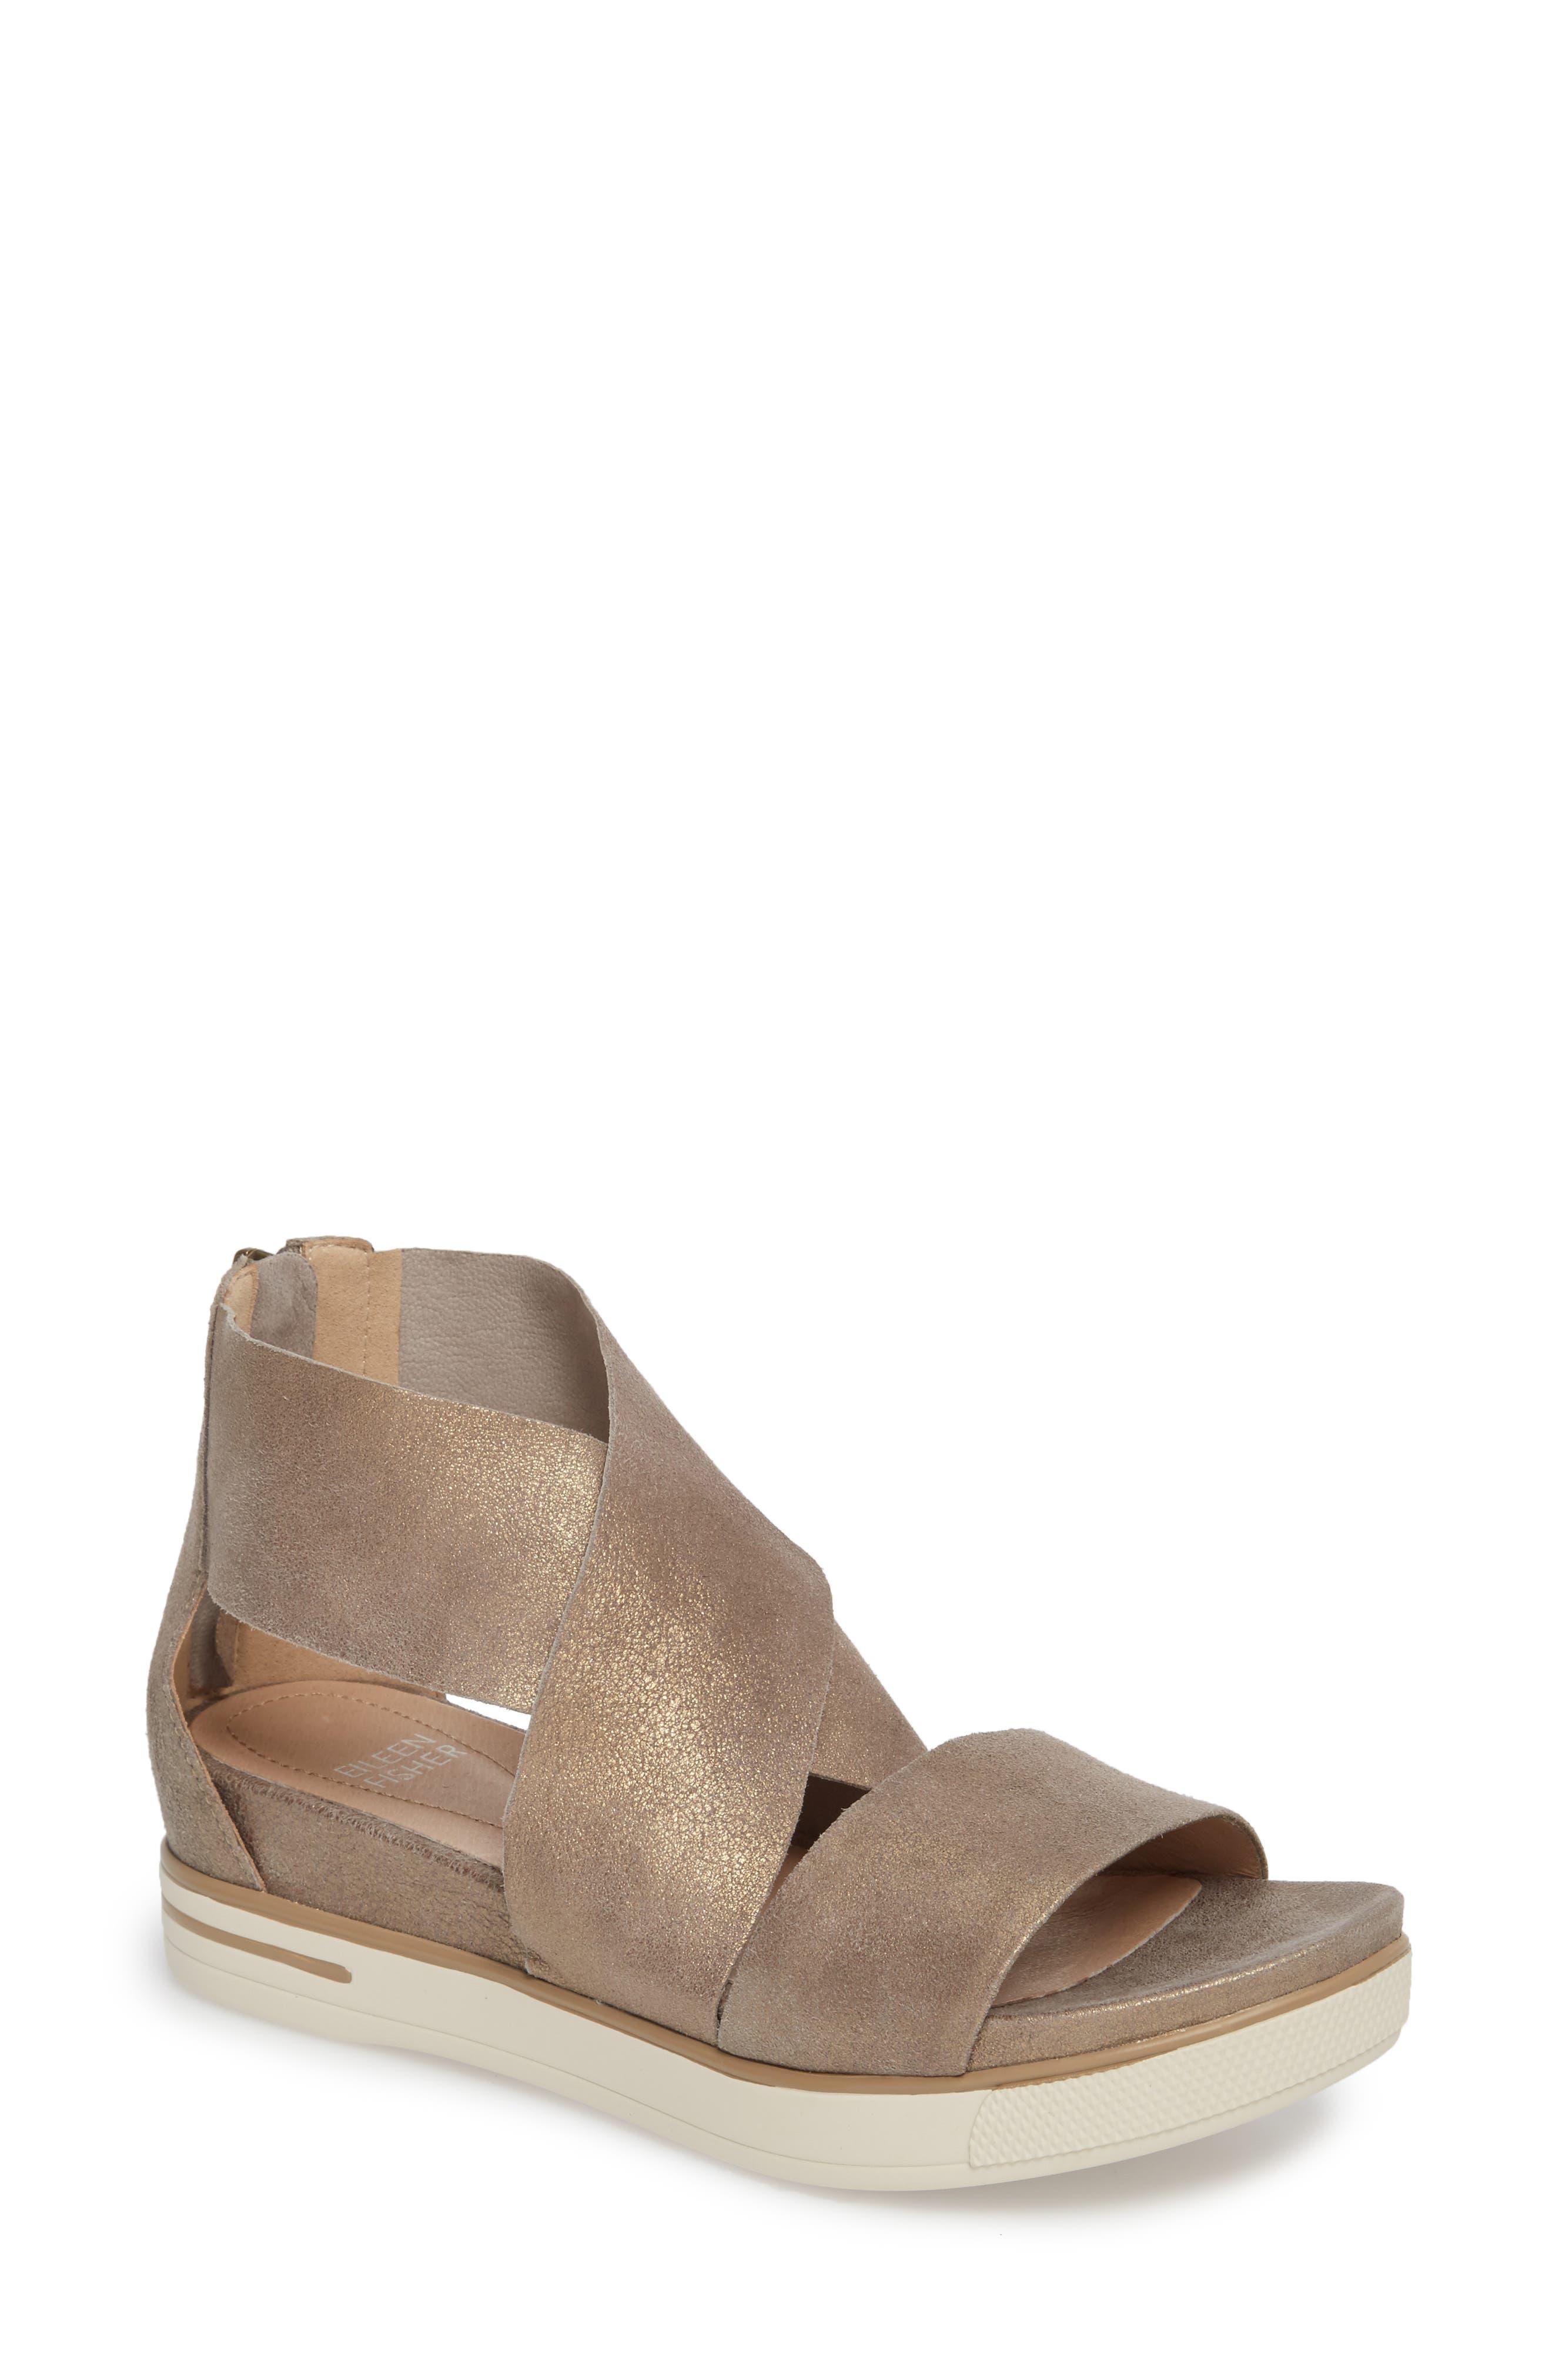 Sport Platform Sandal,                             Main thumbnail 1, color,                             Platinum Leather